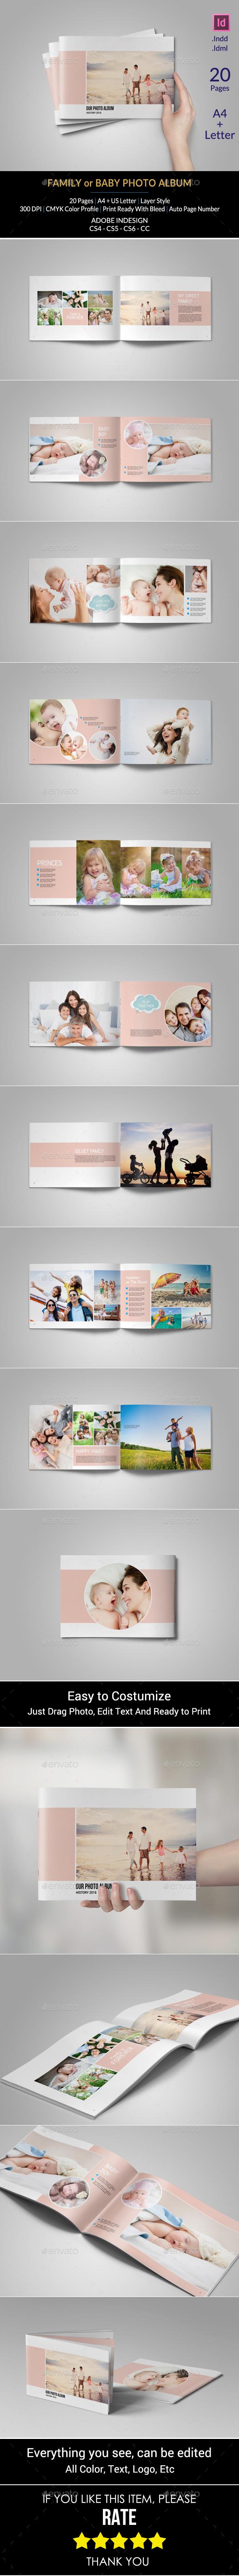 Family Or Baby Photo Album - Photo Albums Print Templates